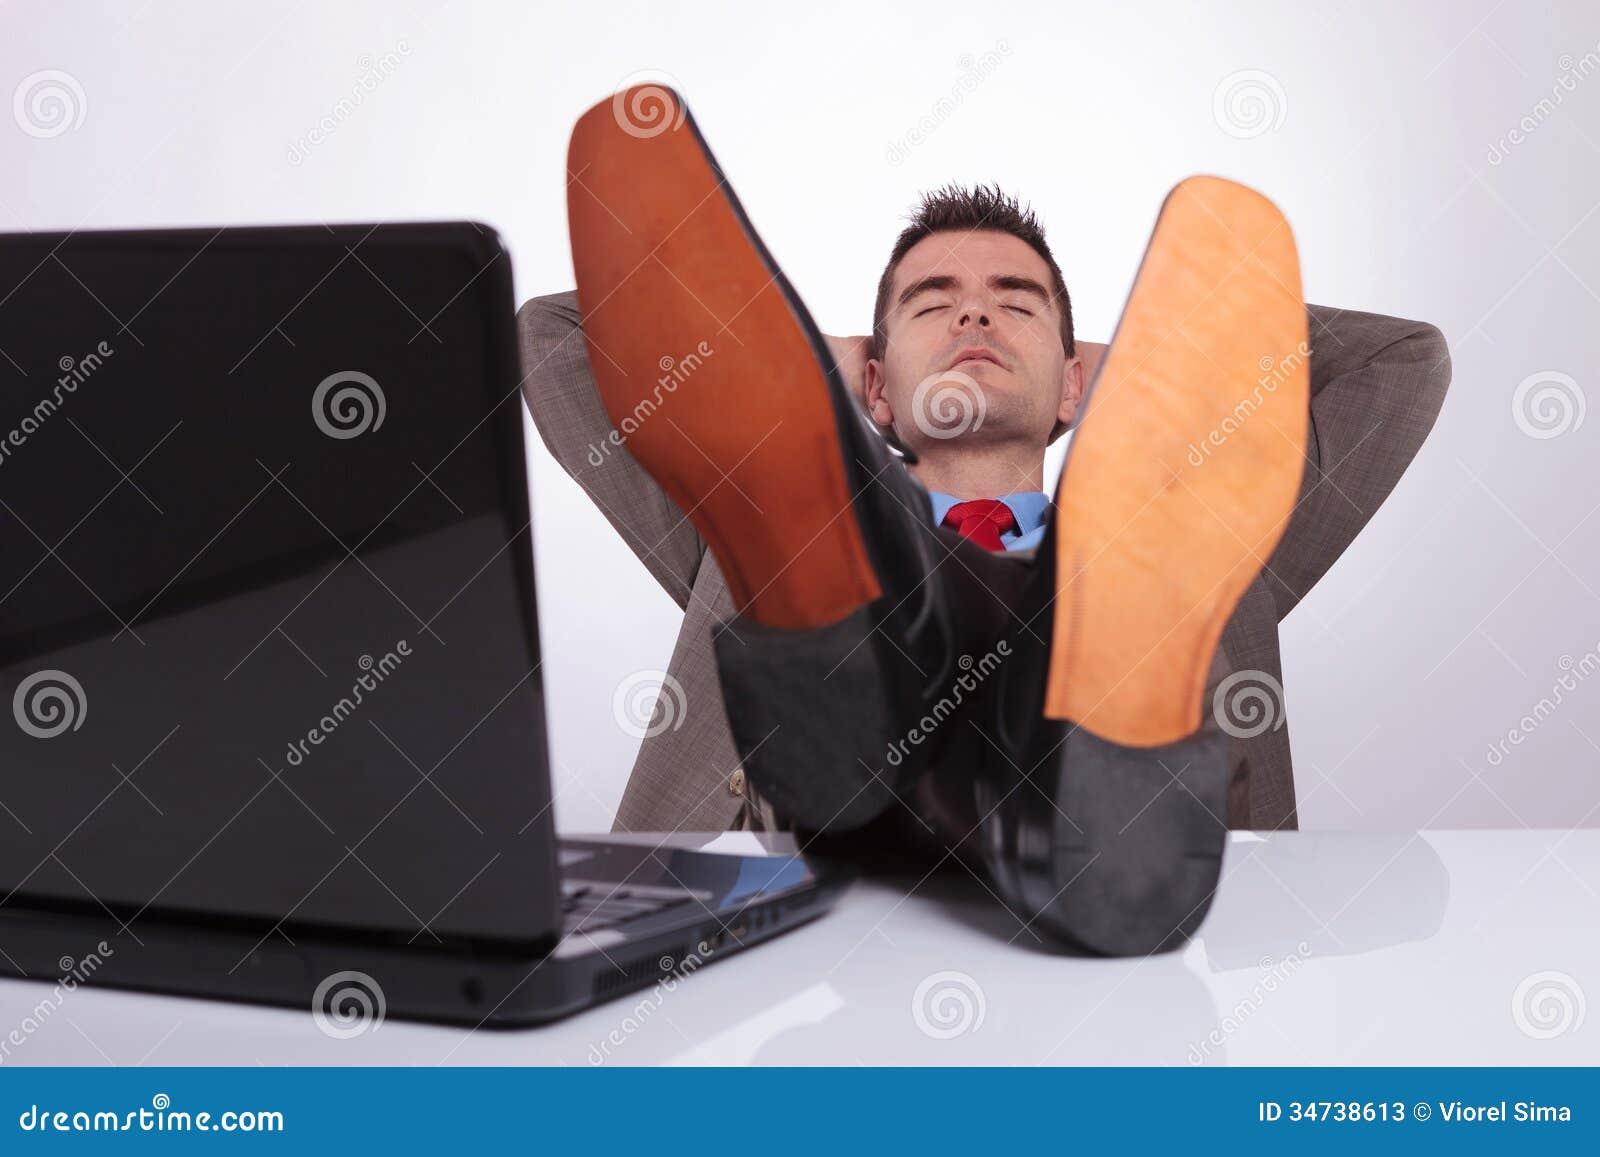 Pieds sur le bureau pieds de table bureau banc en acier design